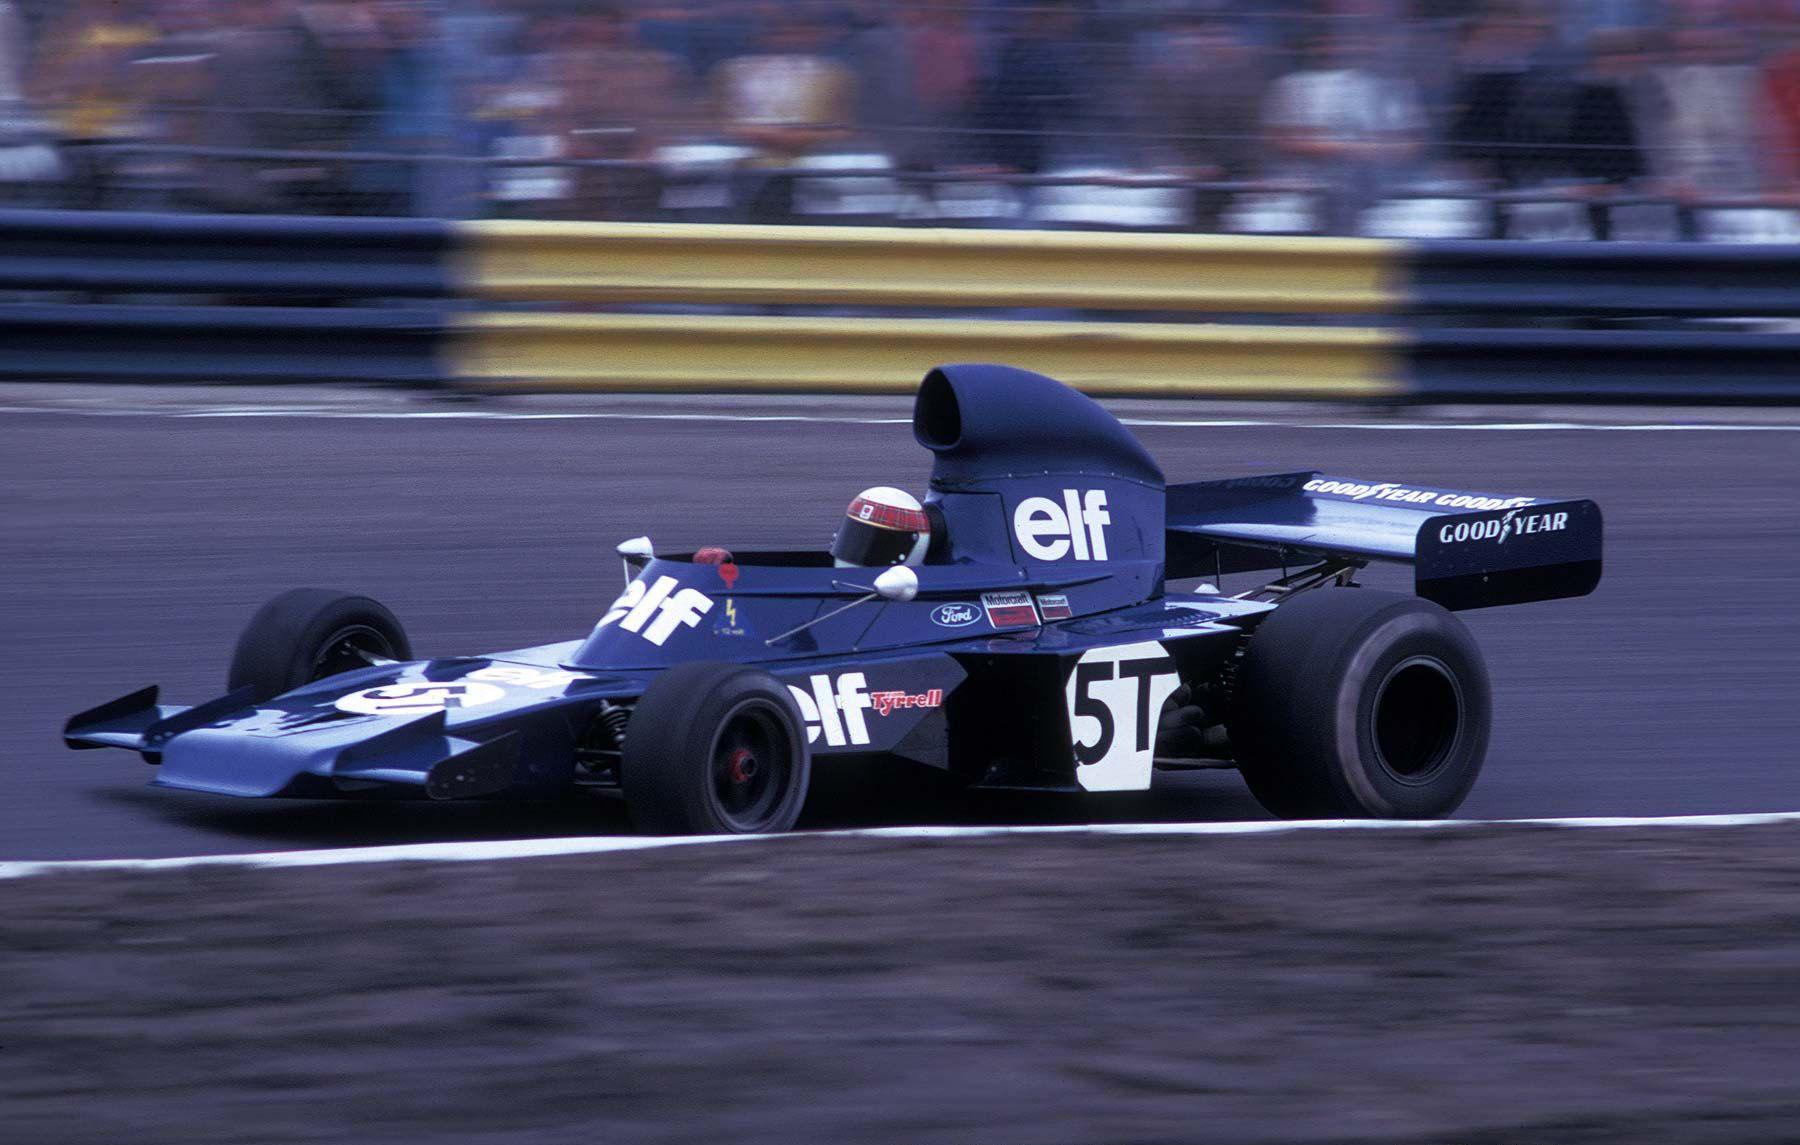 1973 Tyrrell 005/006 - Ford (Jackie Stewart)